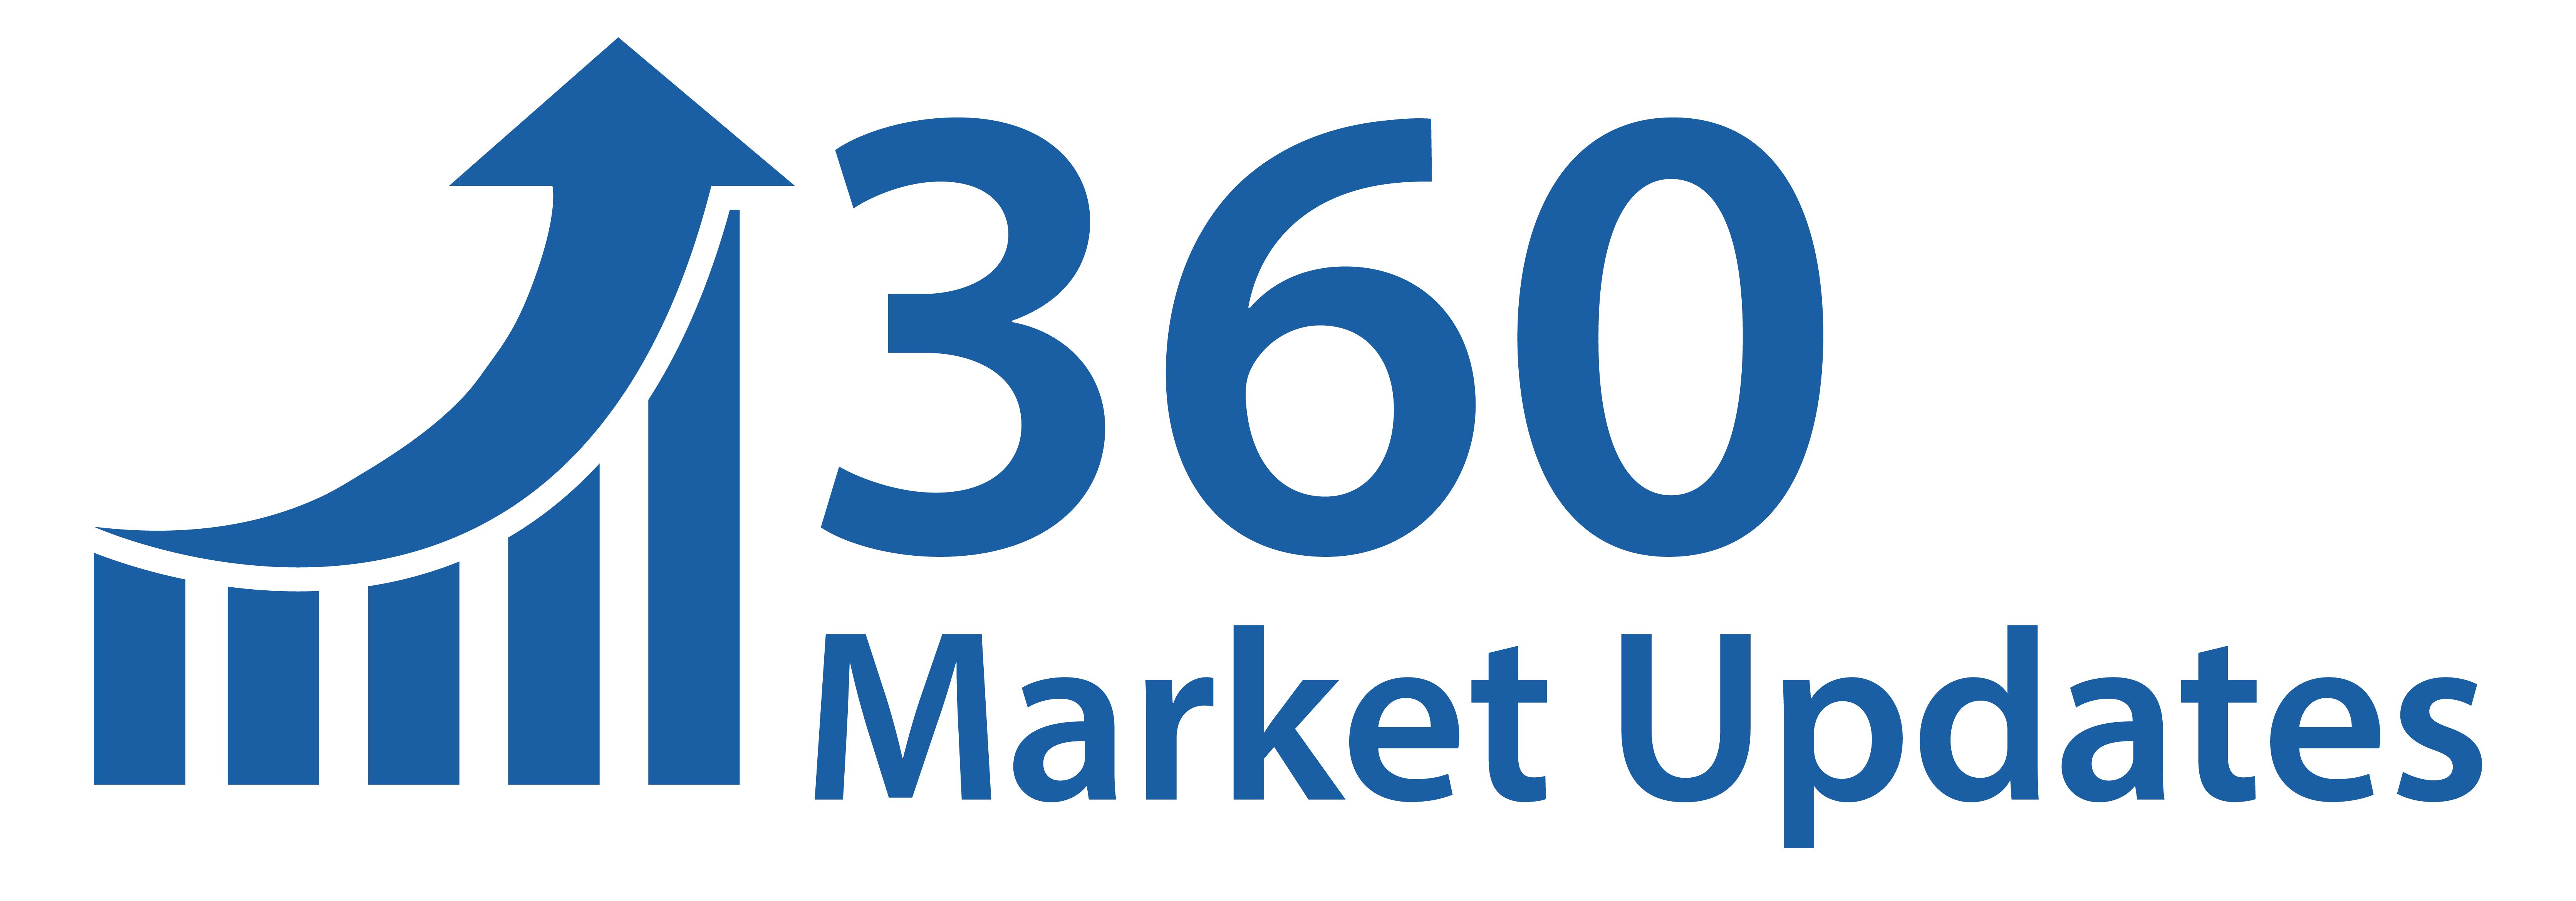 Mercado de Gestión de la Unidad de Control de Electrónica Automotriz 2020 – Demanda de la industria, Acciones, Tamaño, Planes de Tendencias Futuras, Oportunidades de Crecimiento, Actores Clave, Aplicación, Demanda, Informe de Investigación de la Industria por Pronóstico Regional a 2024